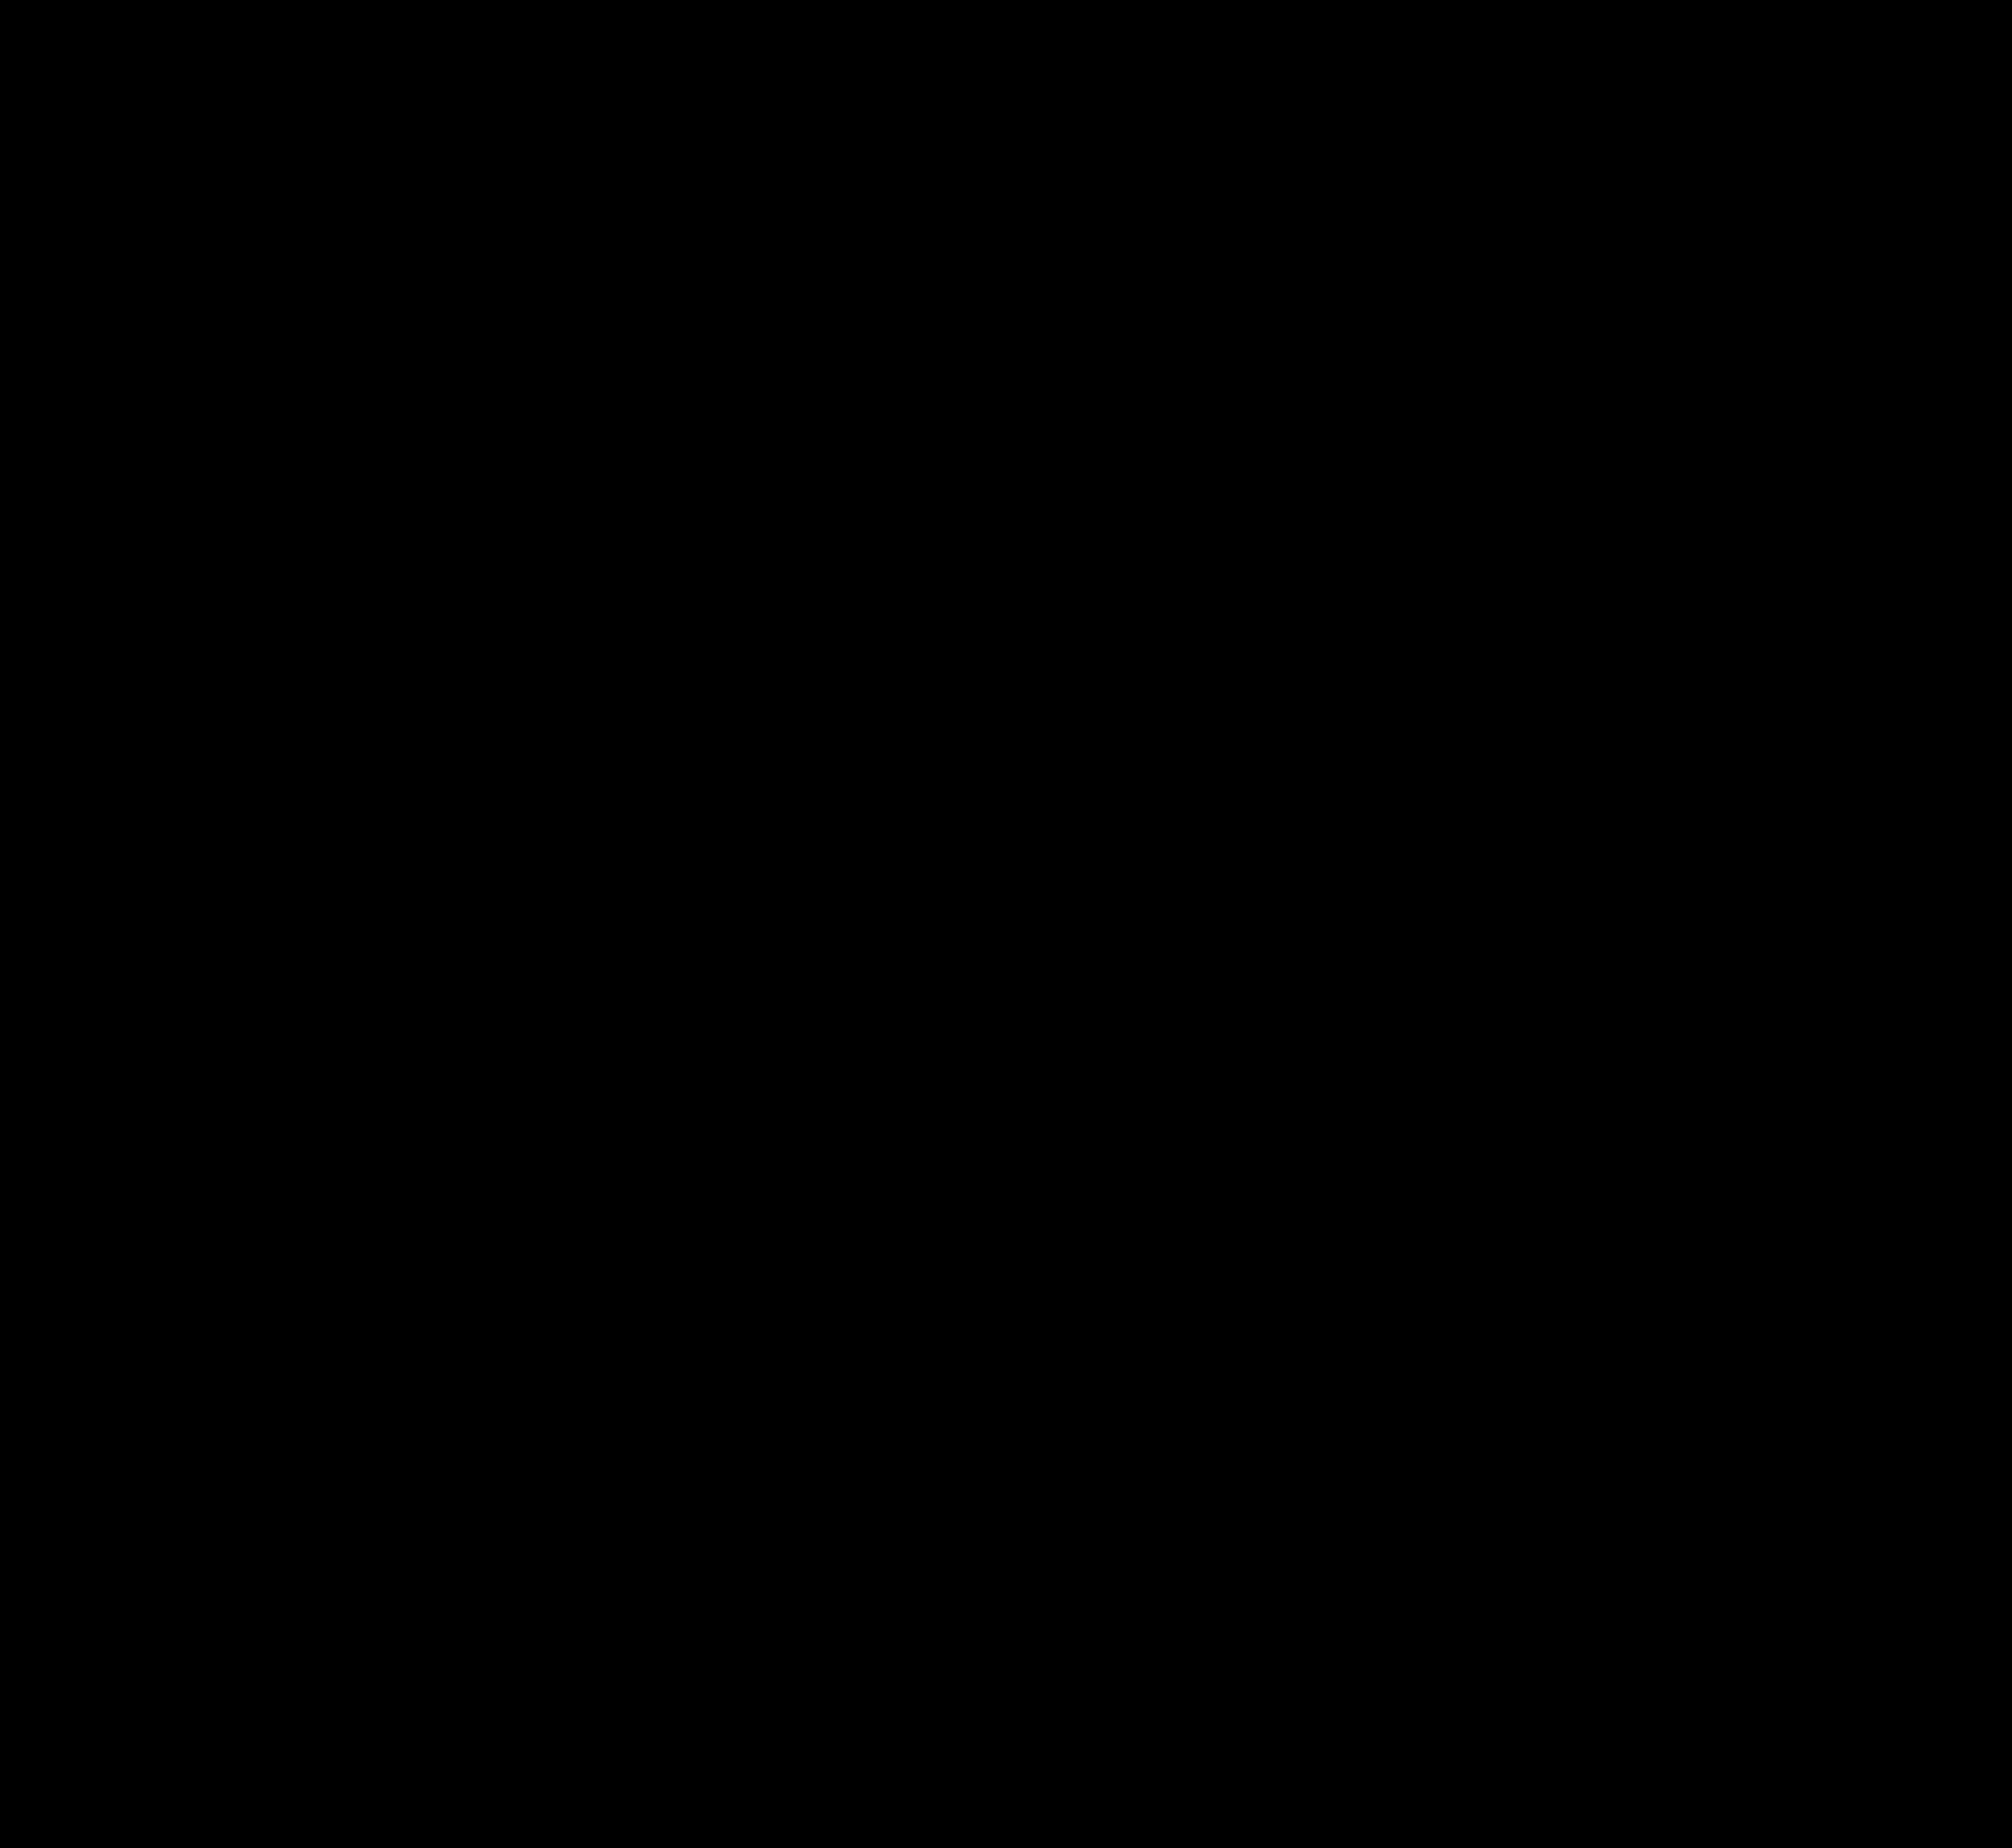 svg download Starfish clip art sea. Black and white clipart stars